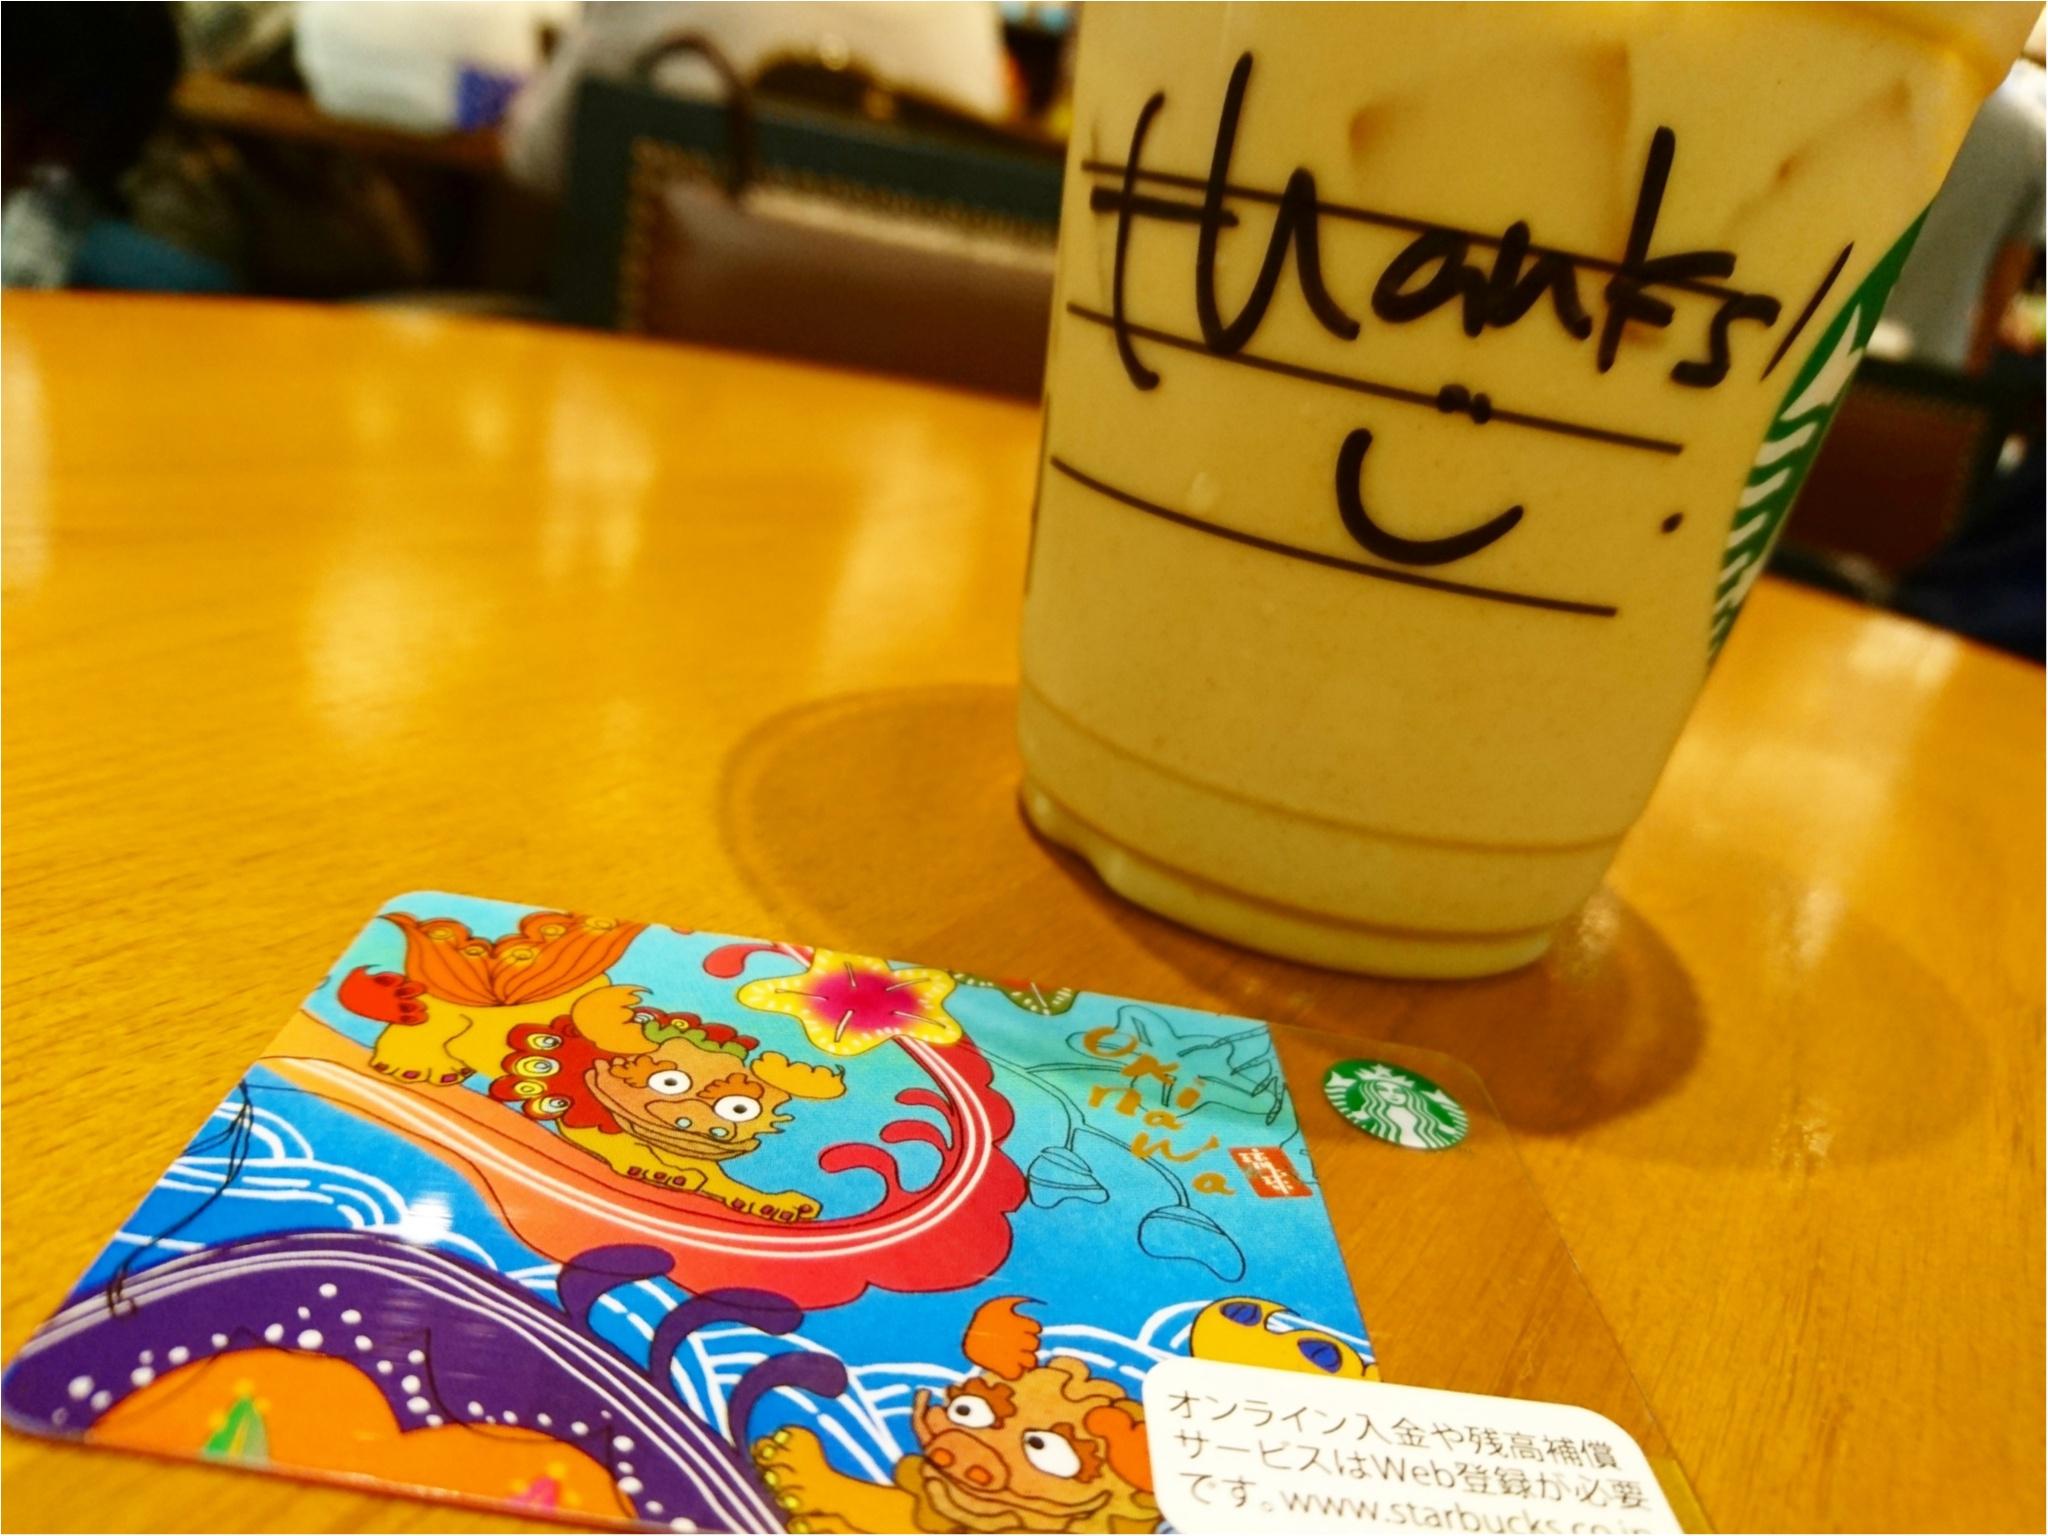 """【 happy 】"""" 小さな幸せ """" を大切に ^^_1"""